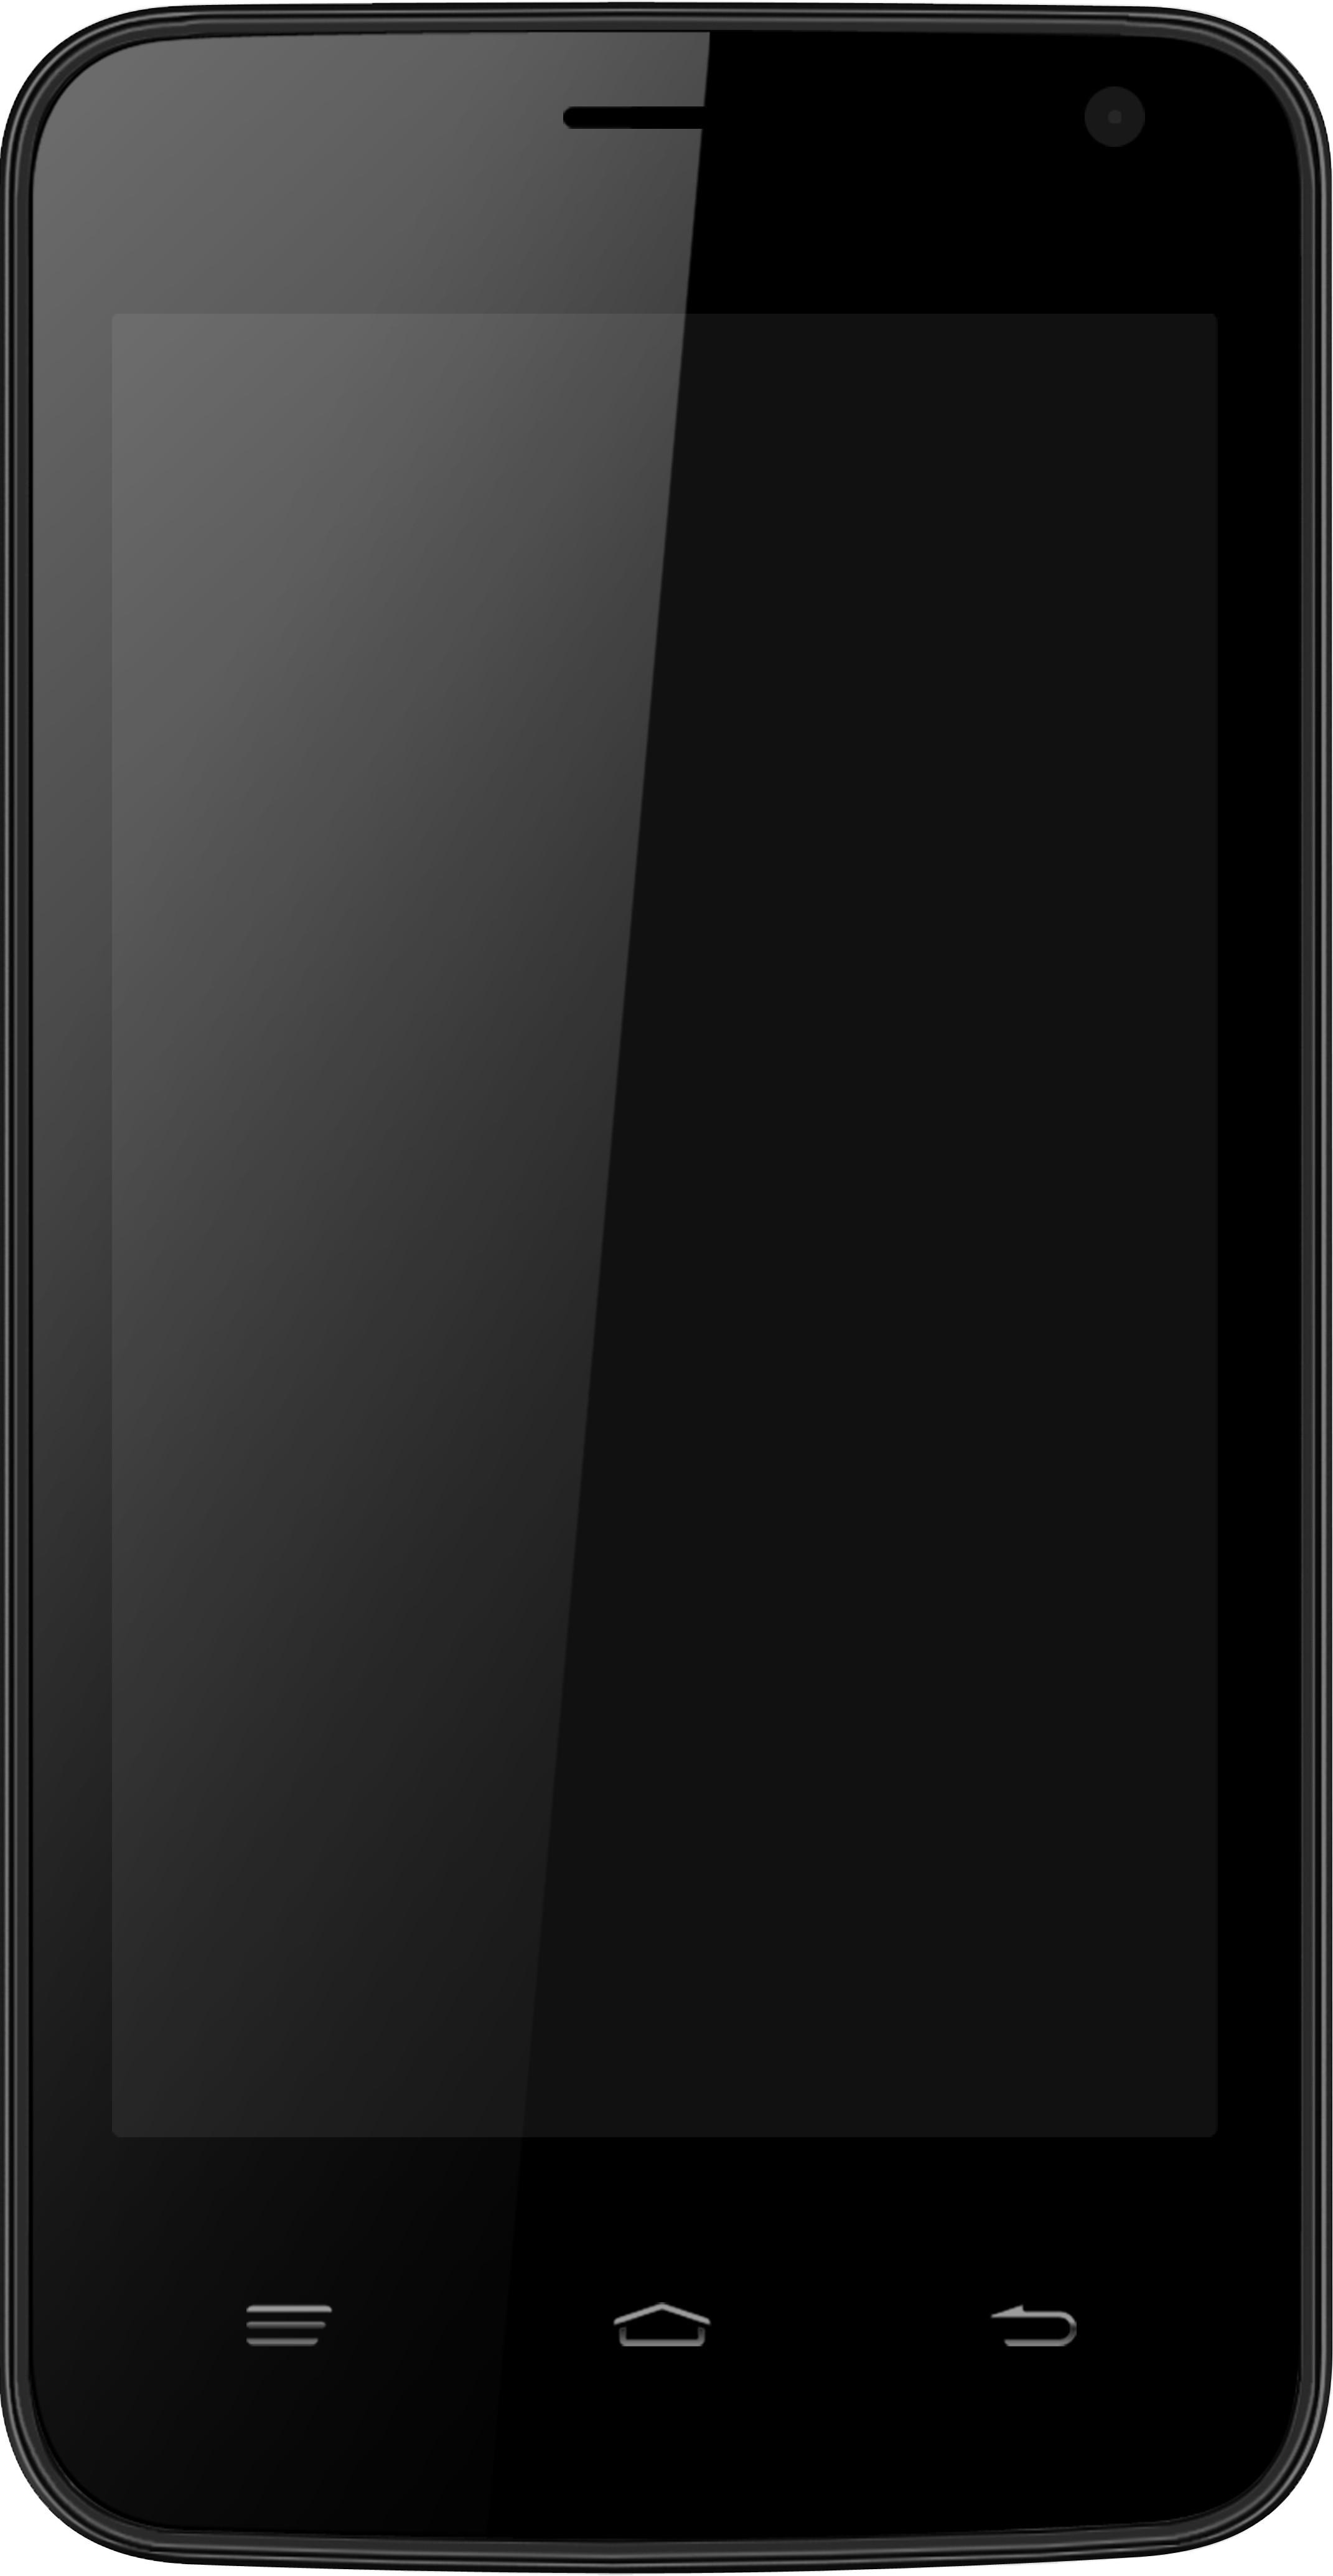 Intex Aqua Wave (Black, 512 MB)(256 MB RAM)